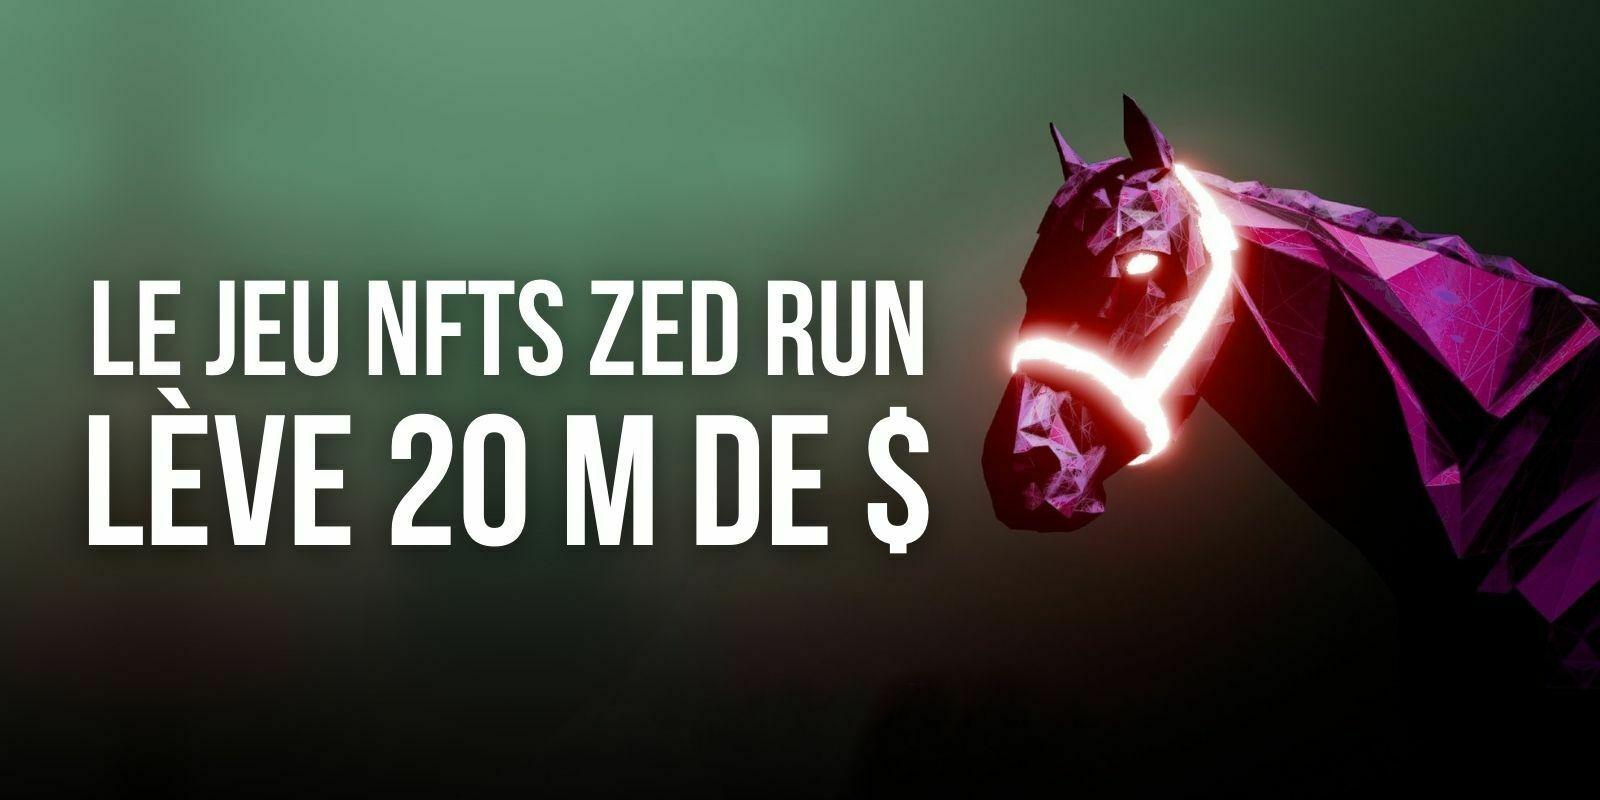 Virtually Human Studio (VHS) lève 20 millions de dollars pour développer le jeu NFT Zed Run